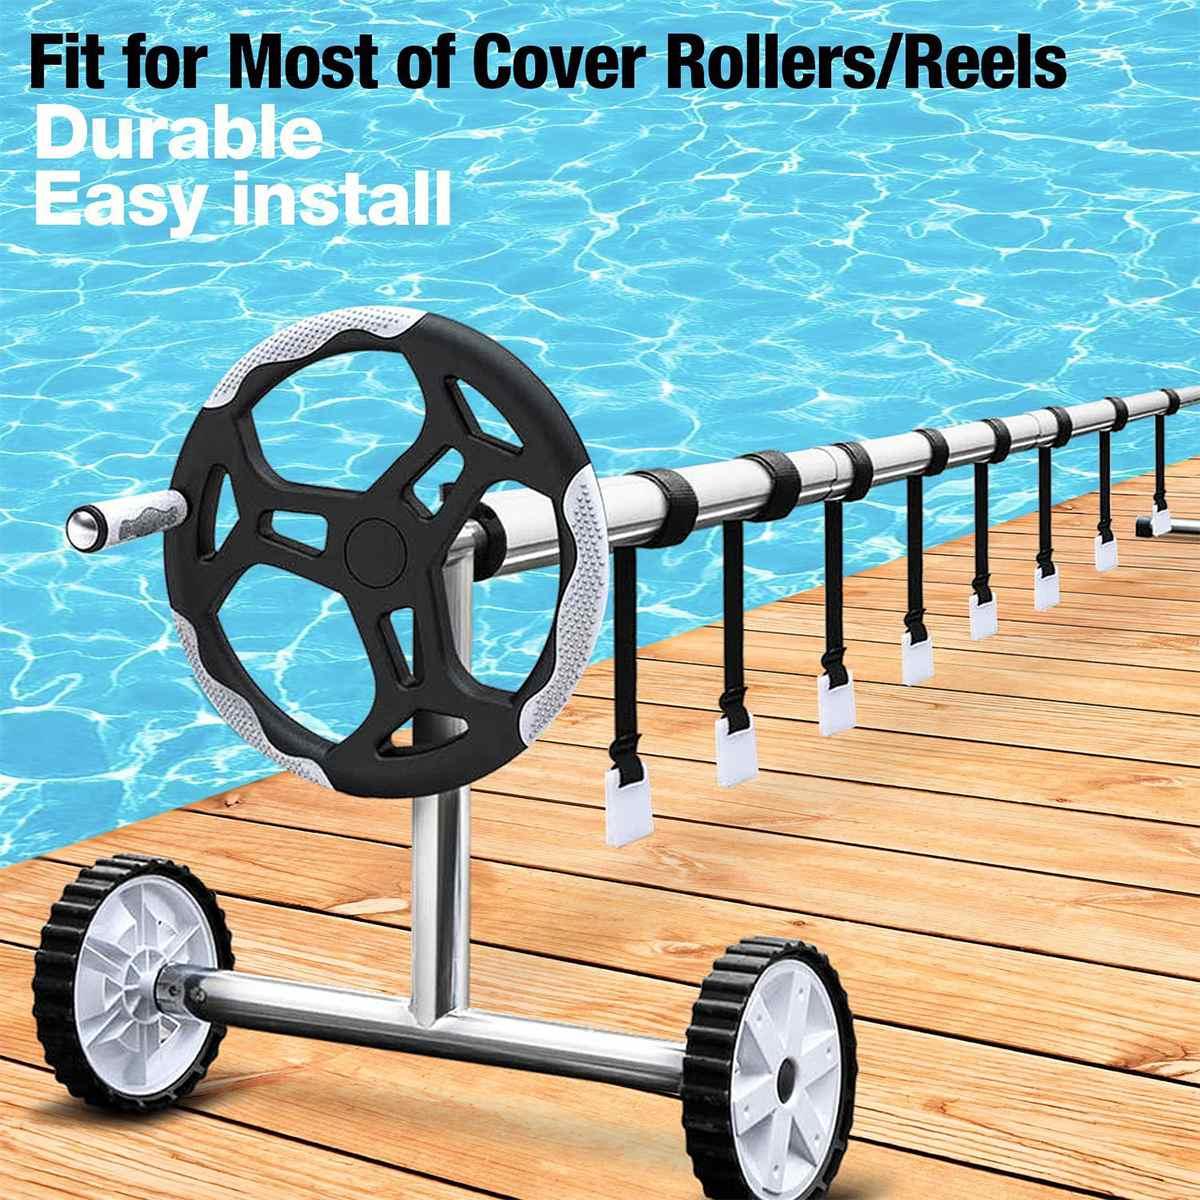 Cubierta enrollable para piscina accesorio Solar Kit de correas de Manta Universal Kit de flejado de piscina para piscina carrete de cubierta Solar